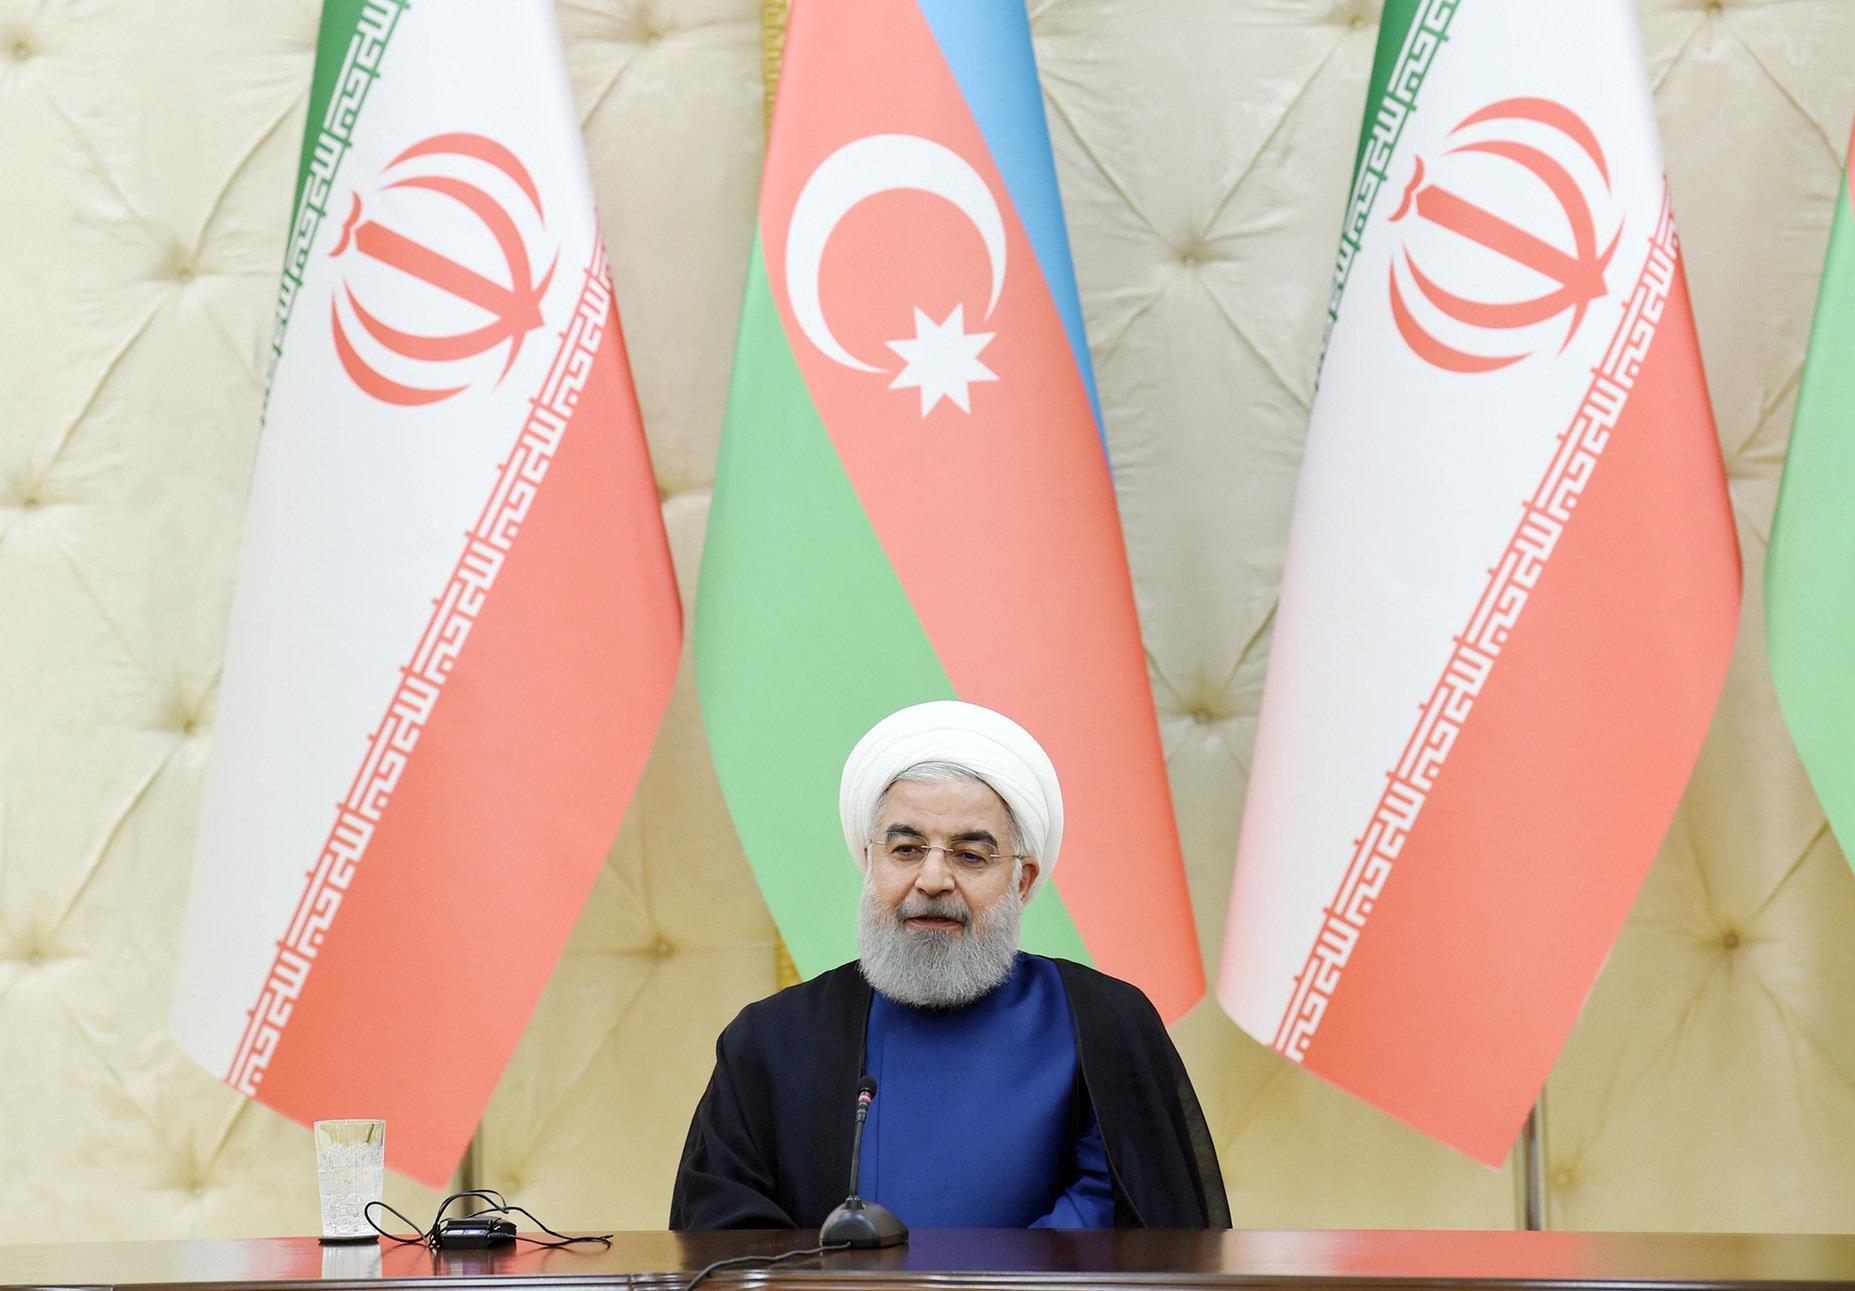 Президент Хасан Роухани в ходе выступления глав Азербайджана и Ирана с заявлениями для печати